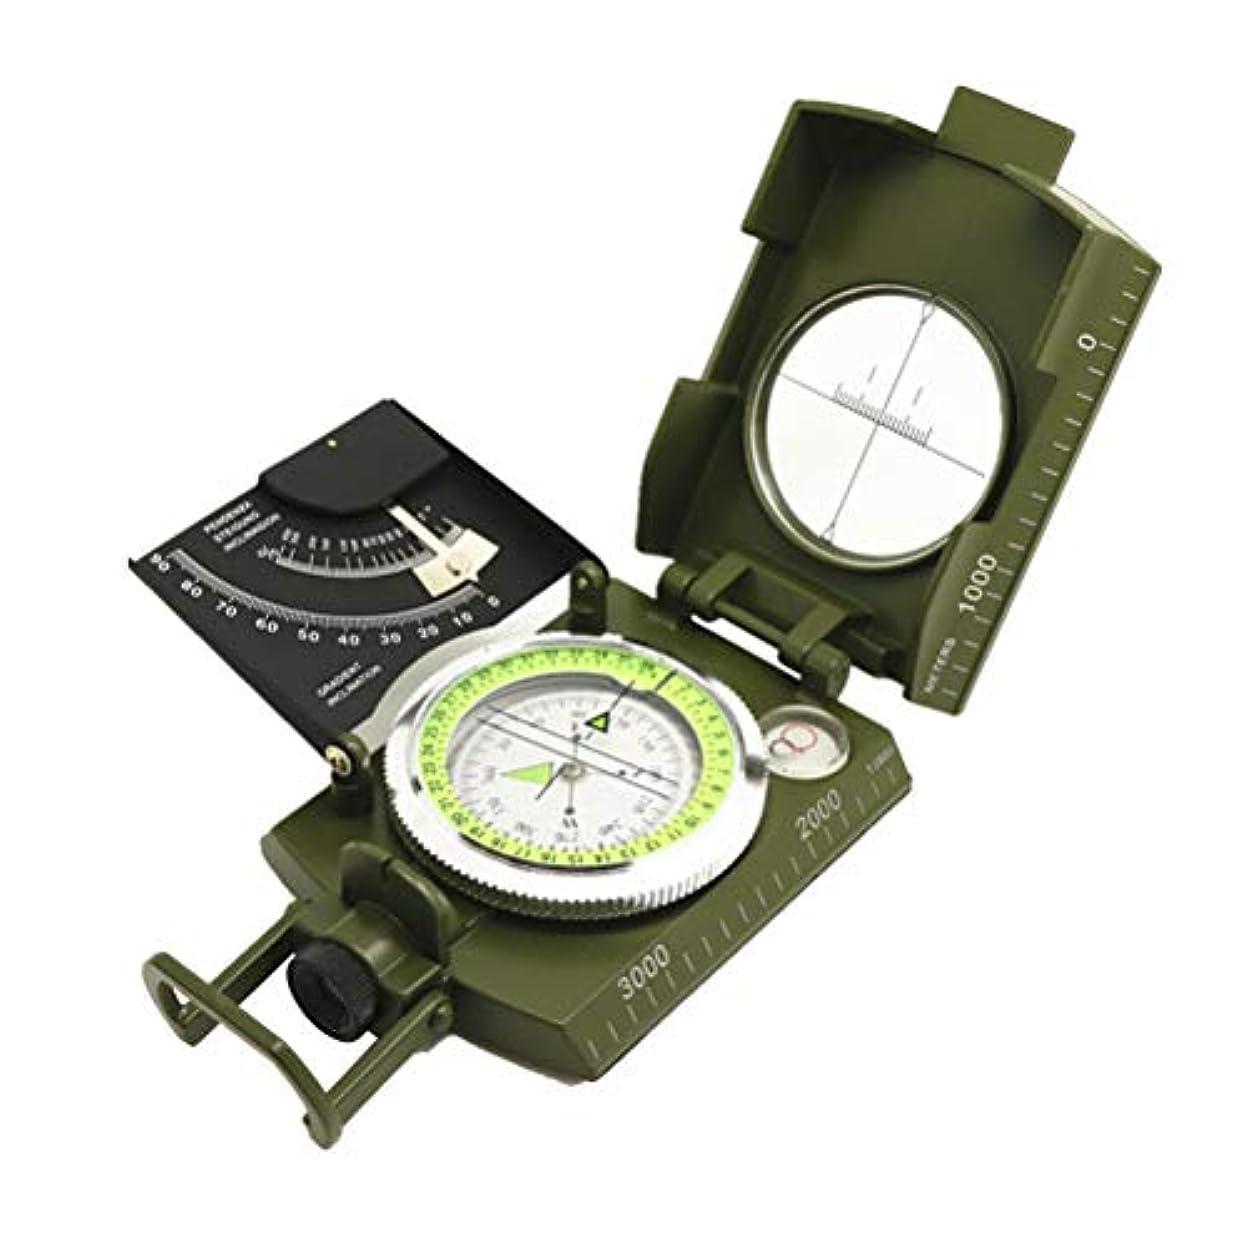 前述のパーフェルビッド順番LIOOBO コンパス多機能耐衝撃性と防水照準ナビゲーションコンパス用屋外ハイキングキャンプモータースポーツ